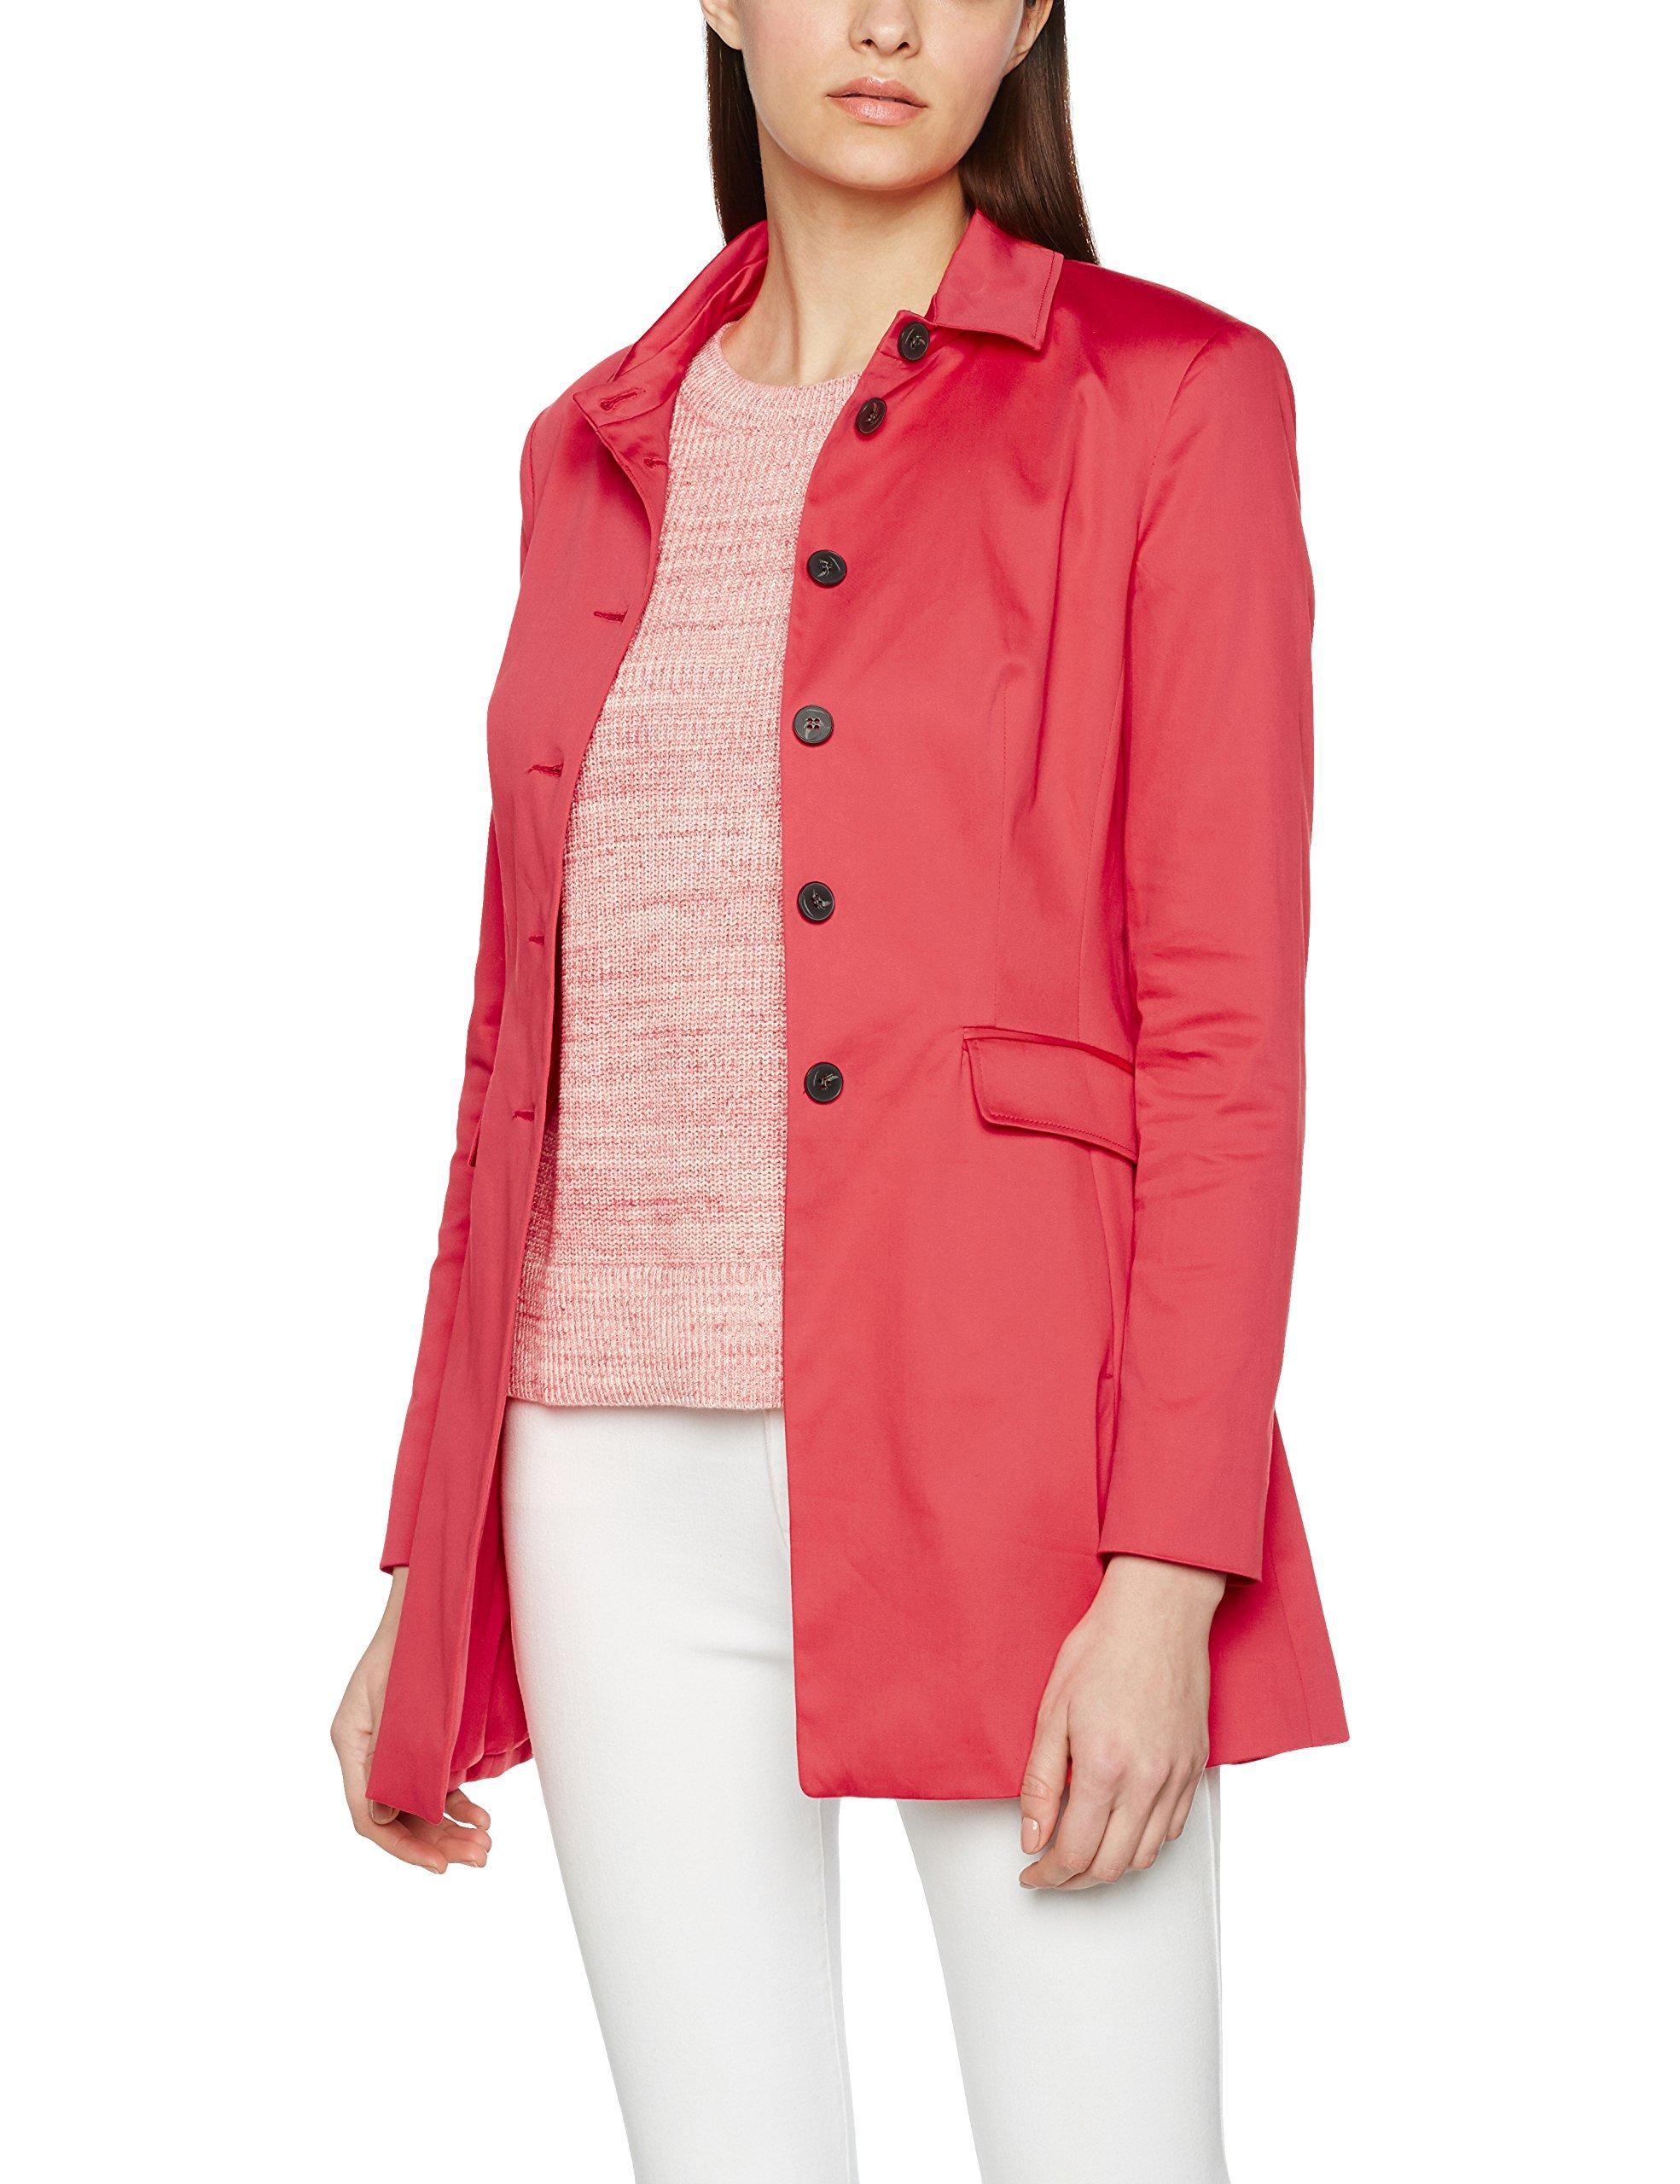 Femme Red 11703563902 oliver Black S Label VesteRosestrawberry 451740 hQtsrd